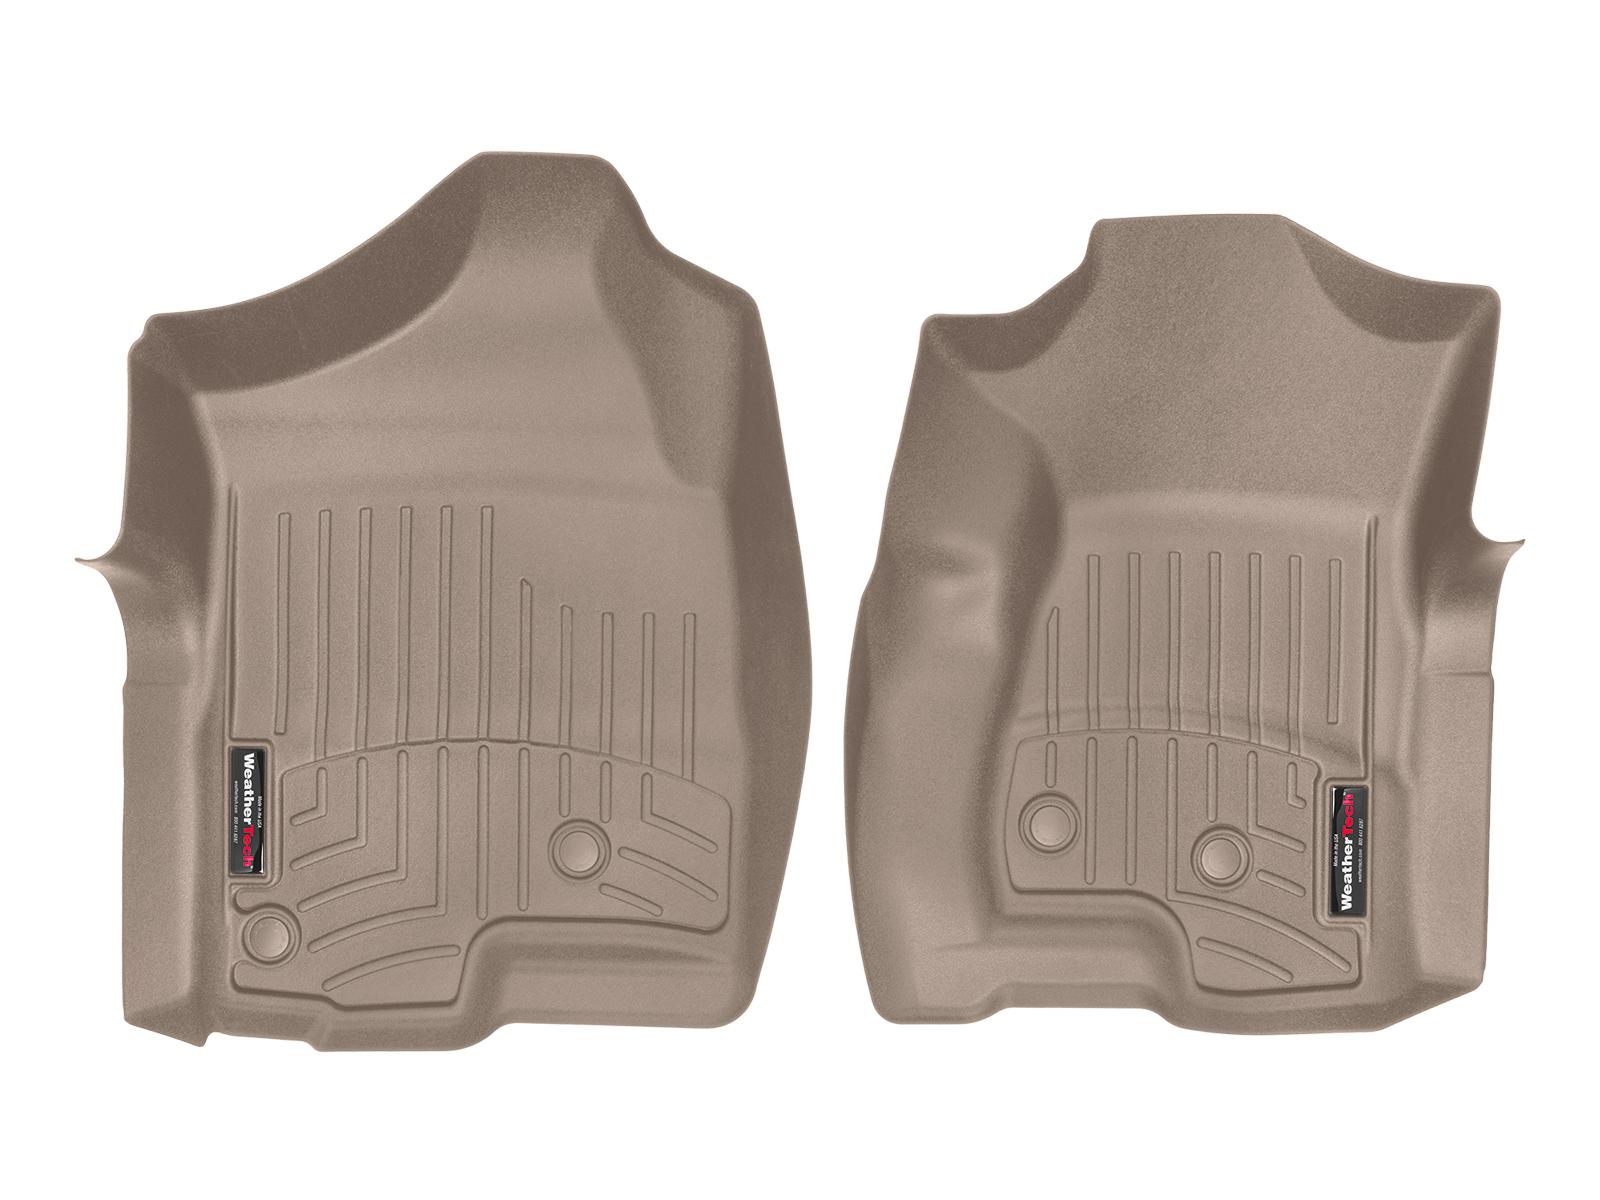 Tappeti gomma su misura bordo alto Chevrolet Silverado 1999>06 Marrone A203